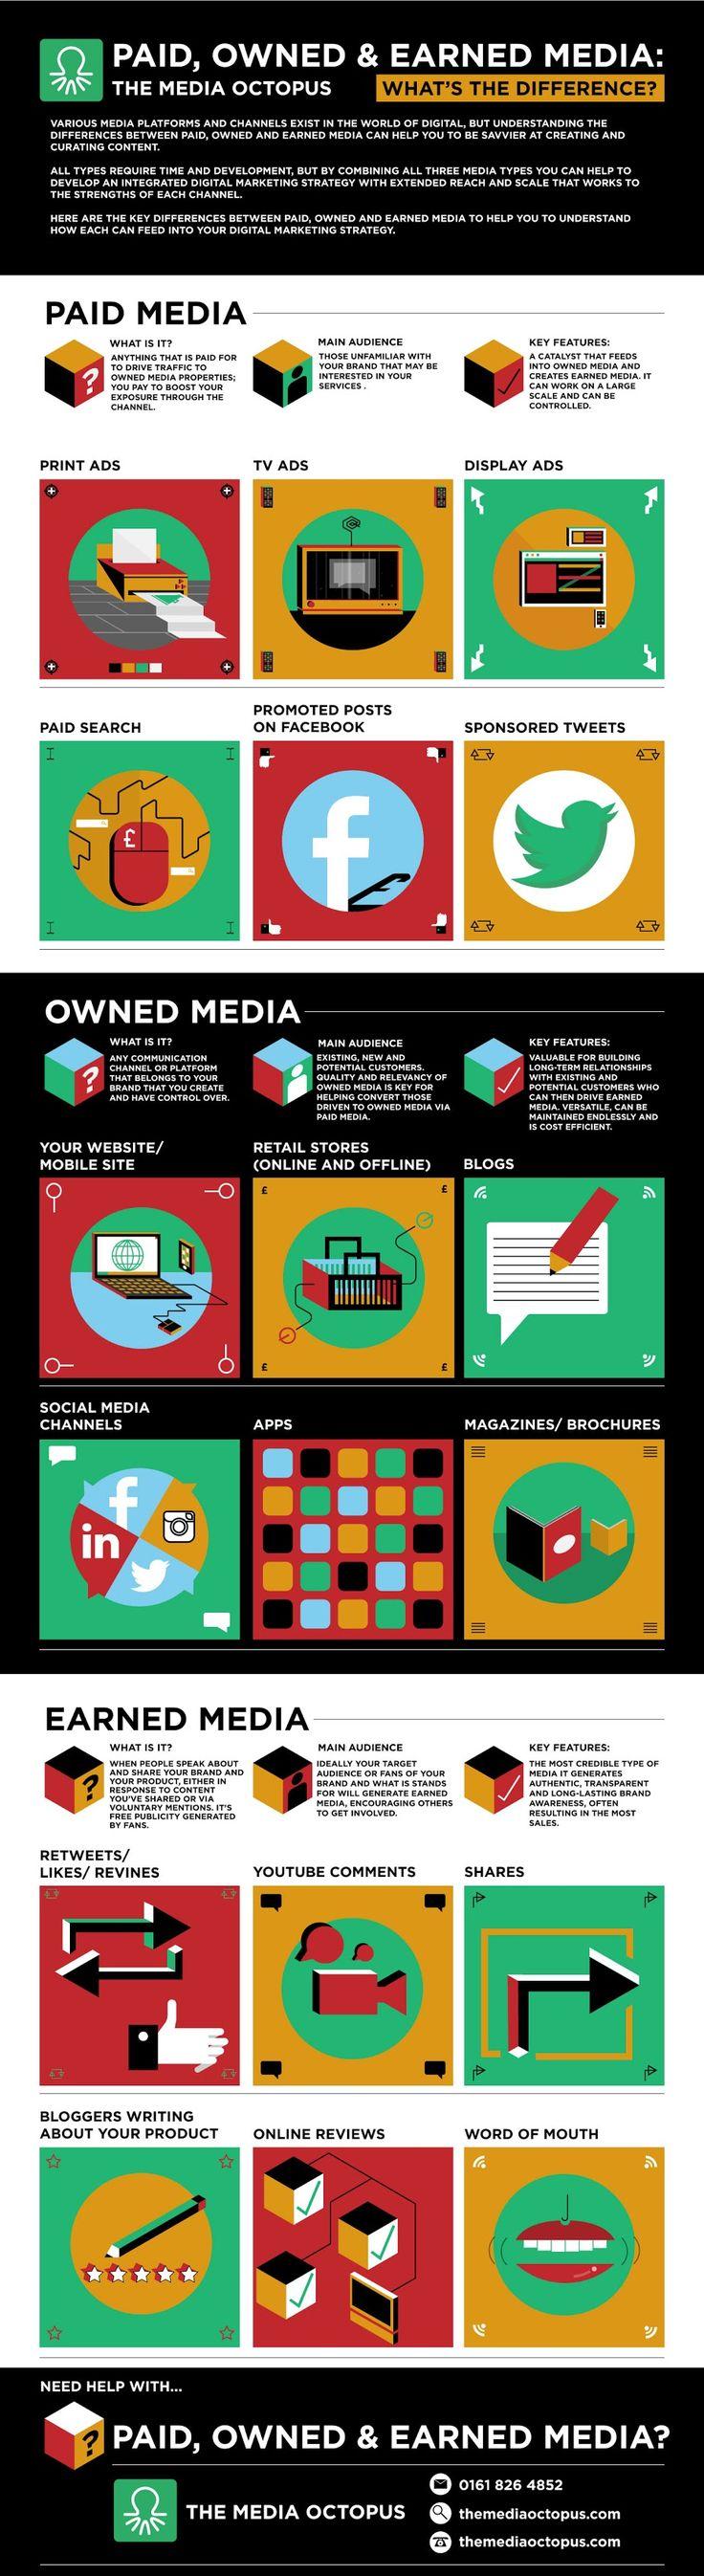 """Begreppet """"köpt, ägd och förtjänad media"""" (eller kanaler) har vi börjat förstå, men hur ska vi kombinera de olika kanalerna för att optimera vår digitala marknadsföring?"""